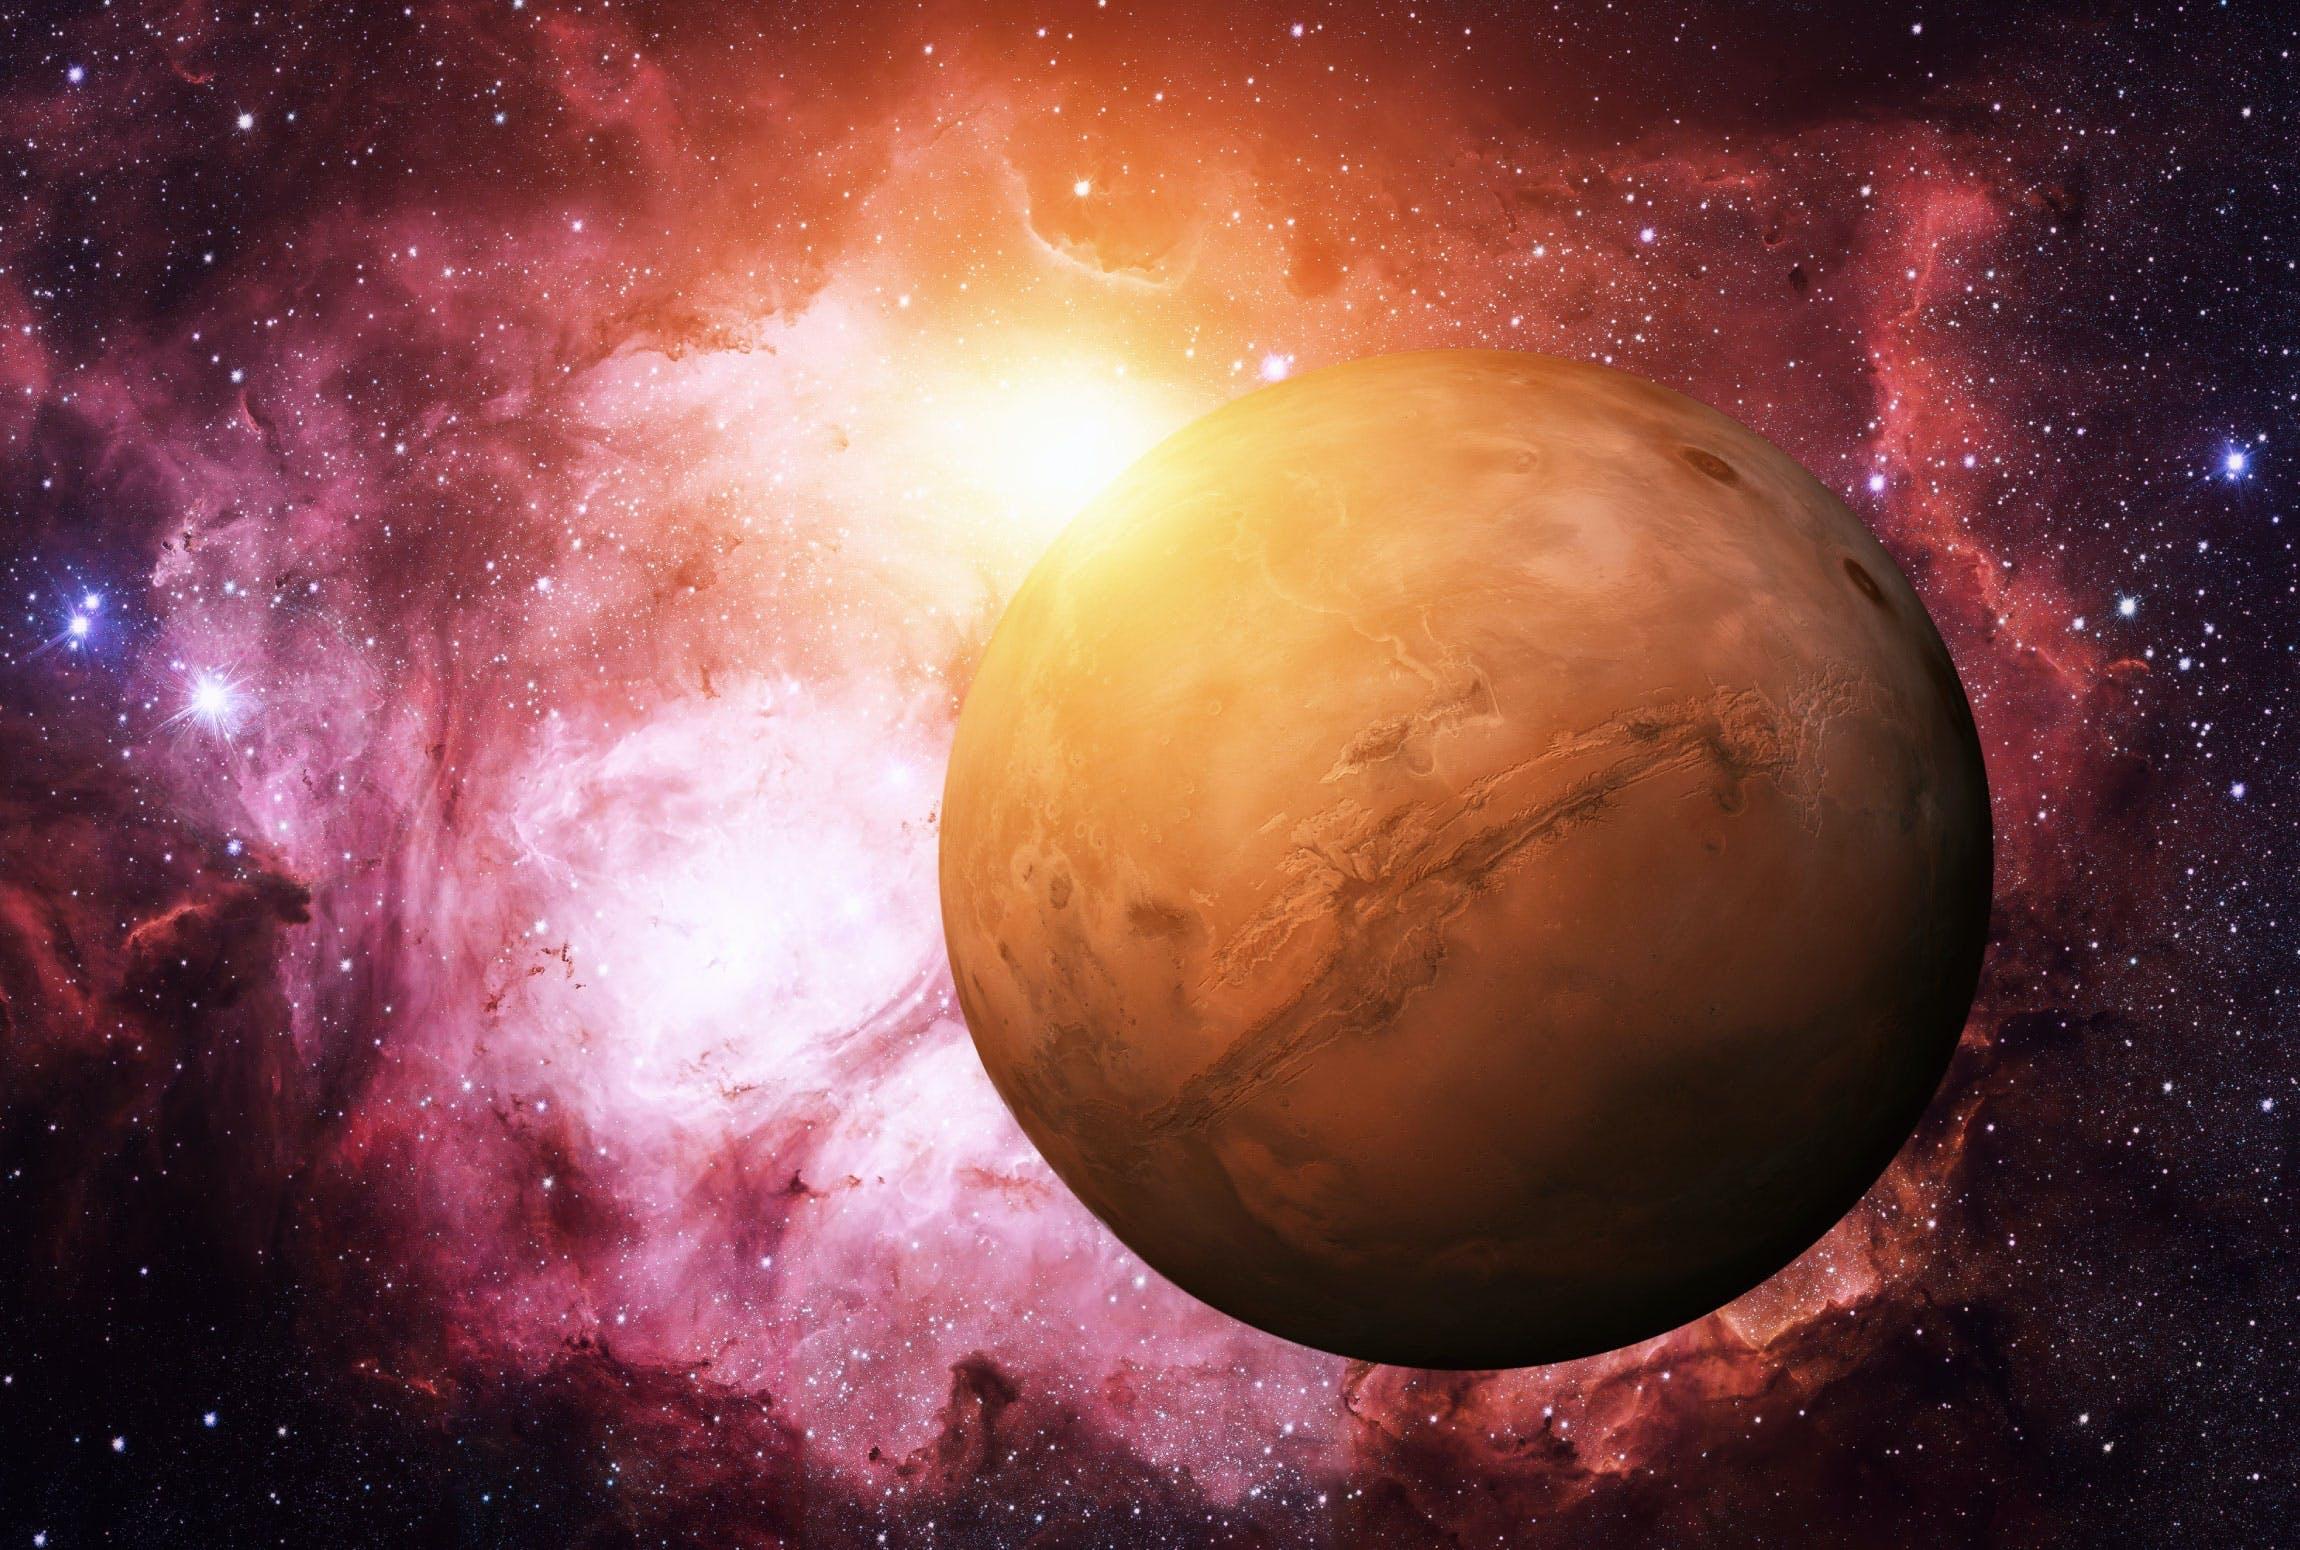 Faktoja Marsista